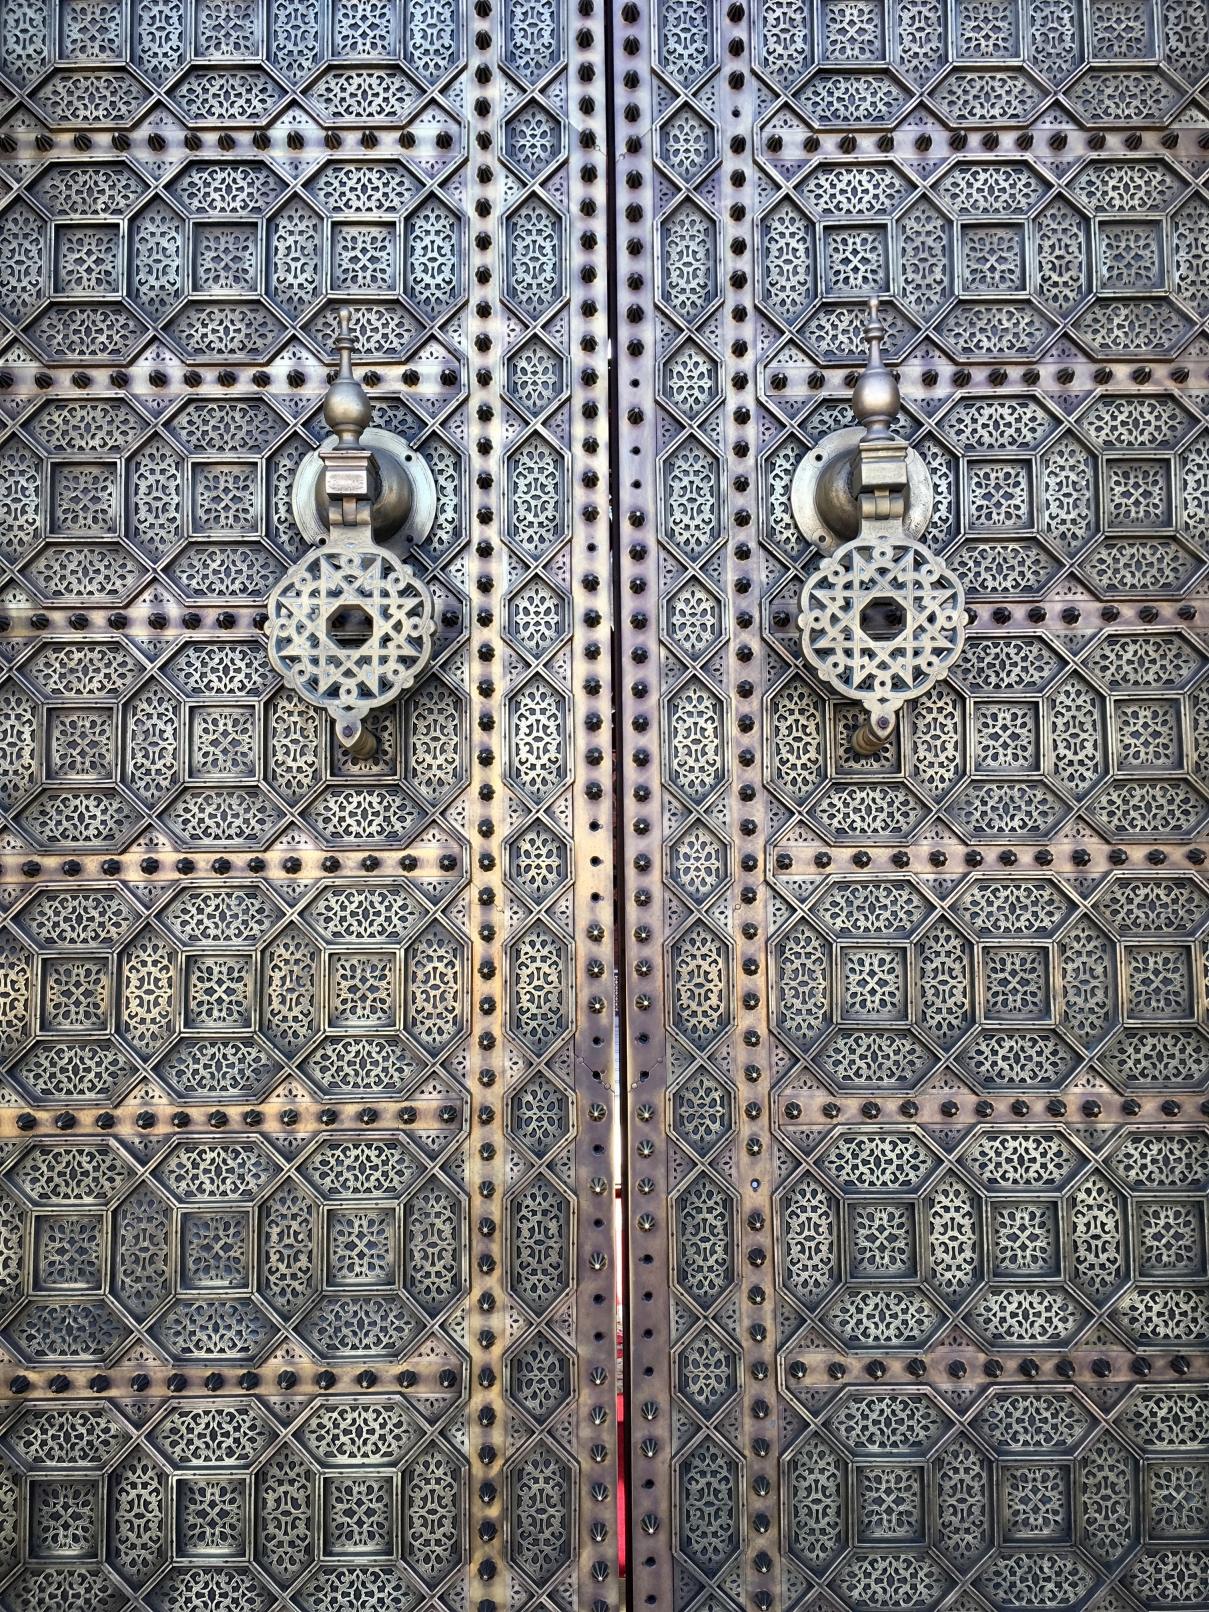 MoroccoTiles10.jpg